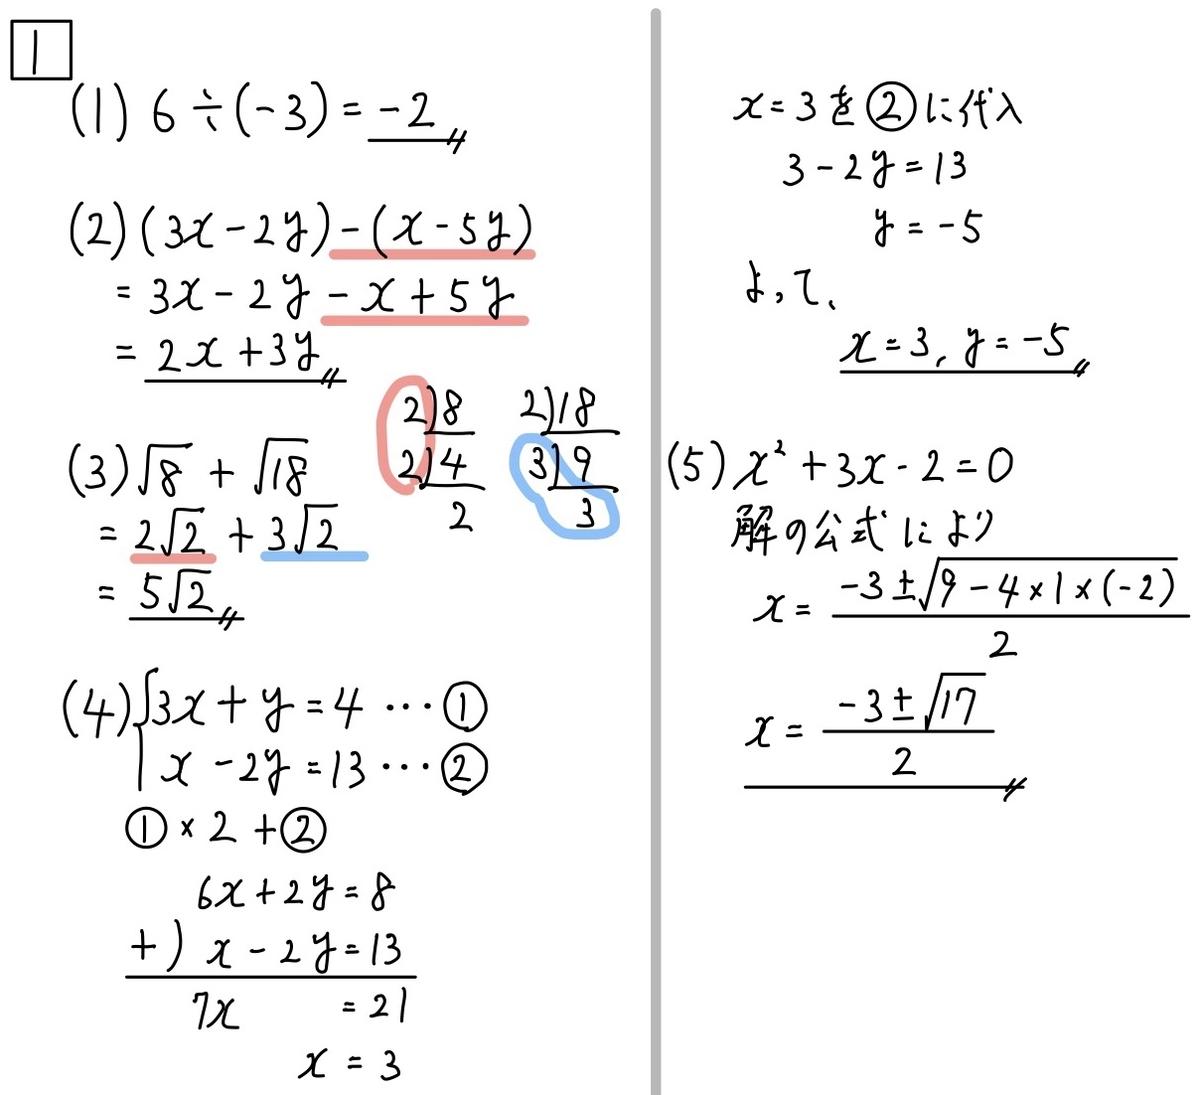 2020兵庫公立数学1_1-5